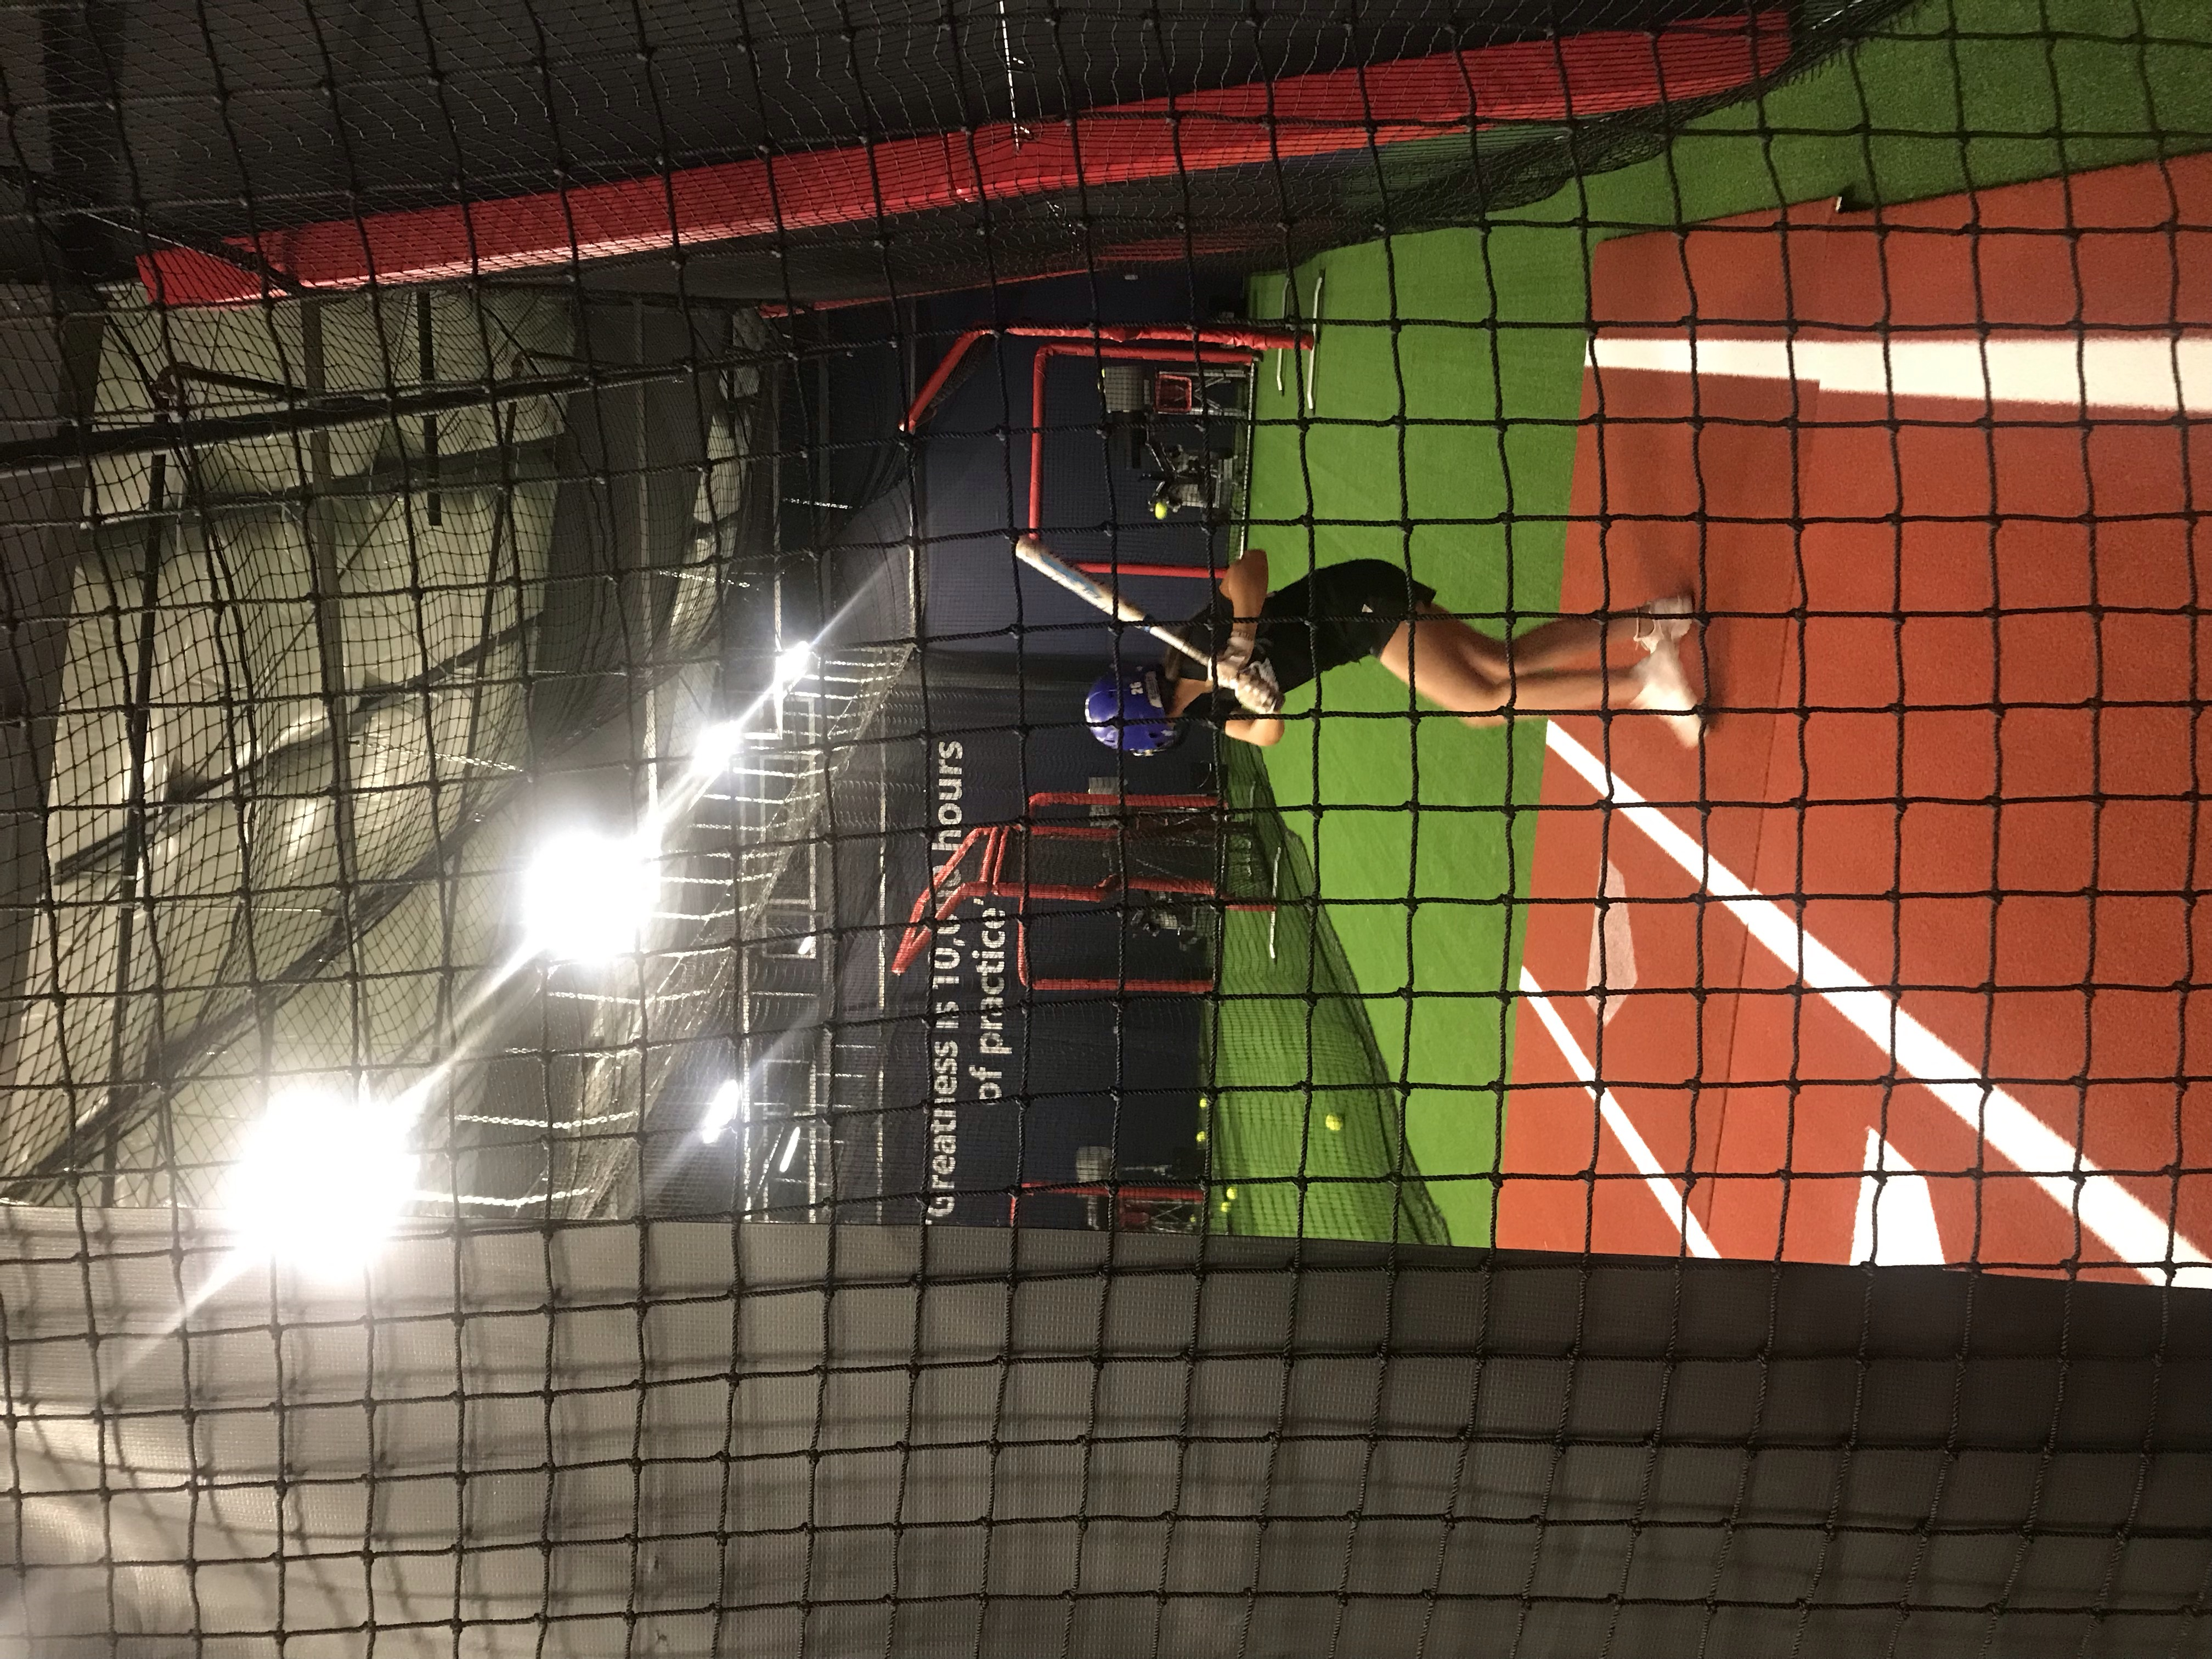 HF Softball Cage 7